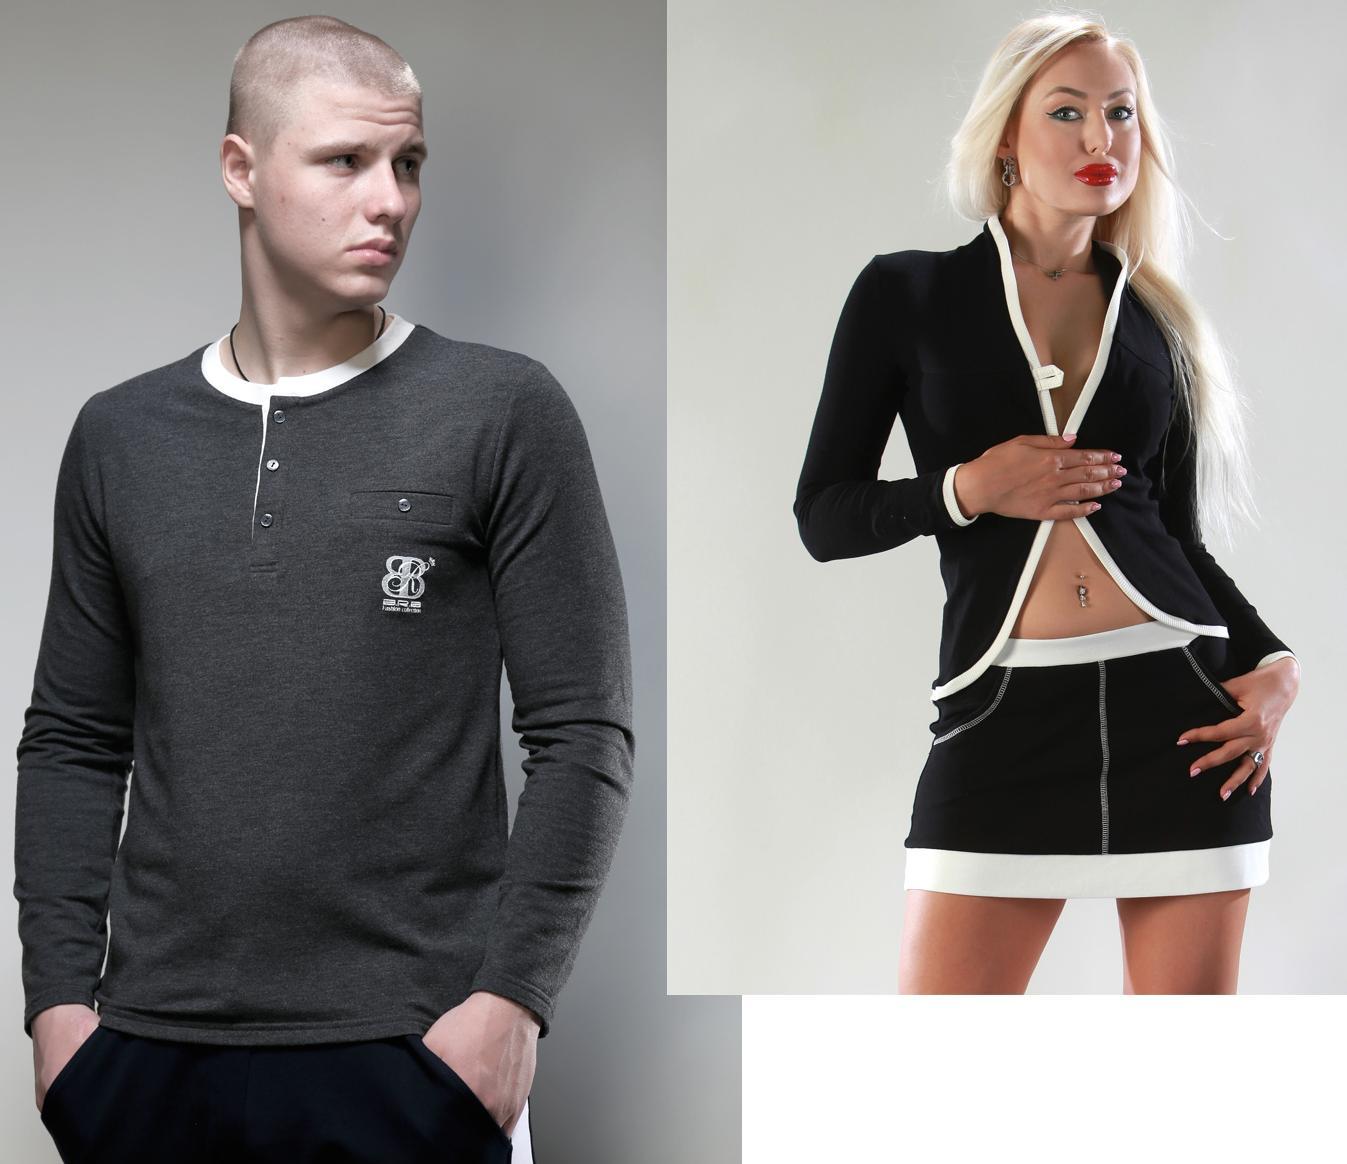 Модный женский и мужской трикотаж для молодых и стильных по ооочень привлекательным ценам. Без рядов!